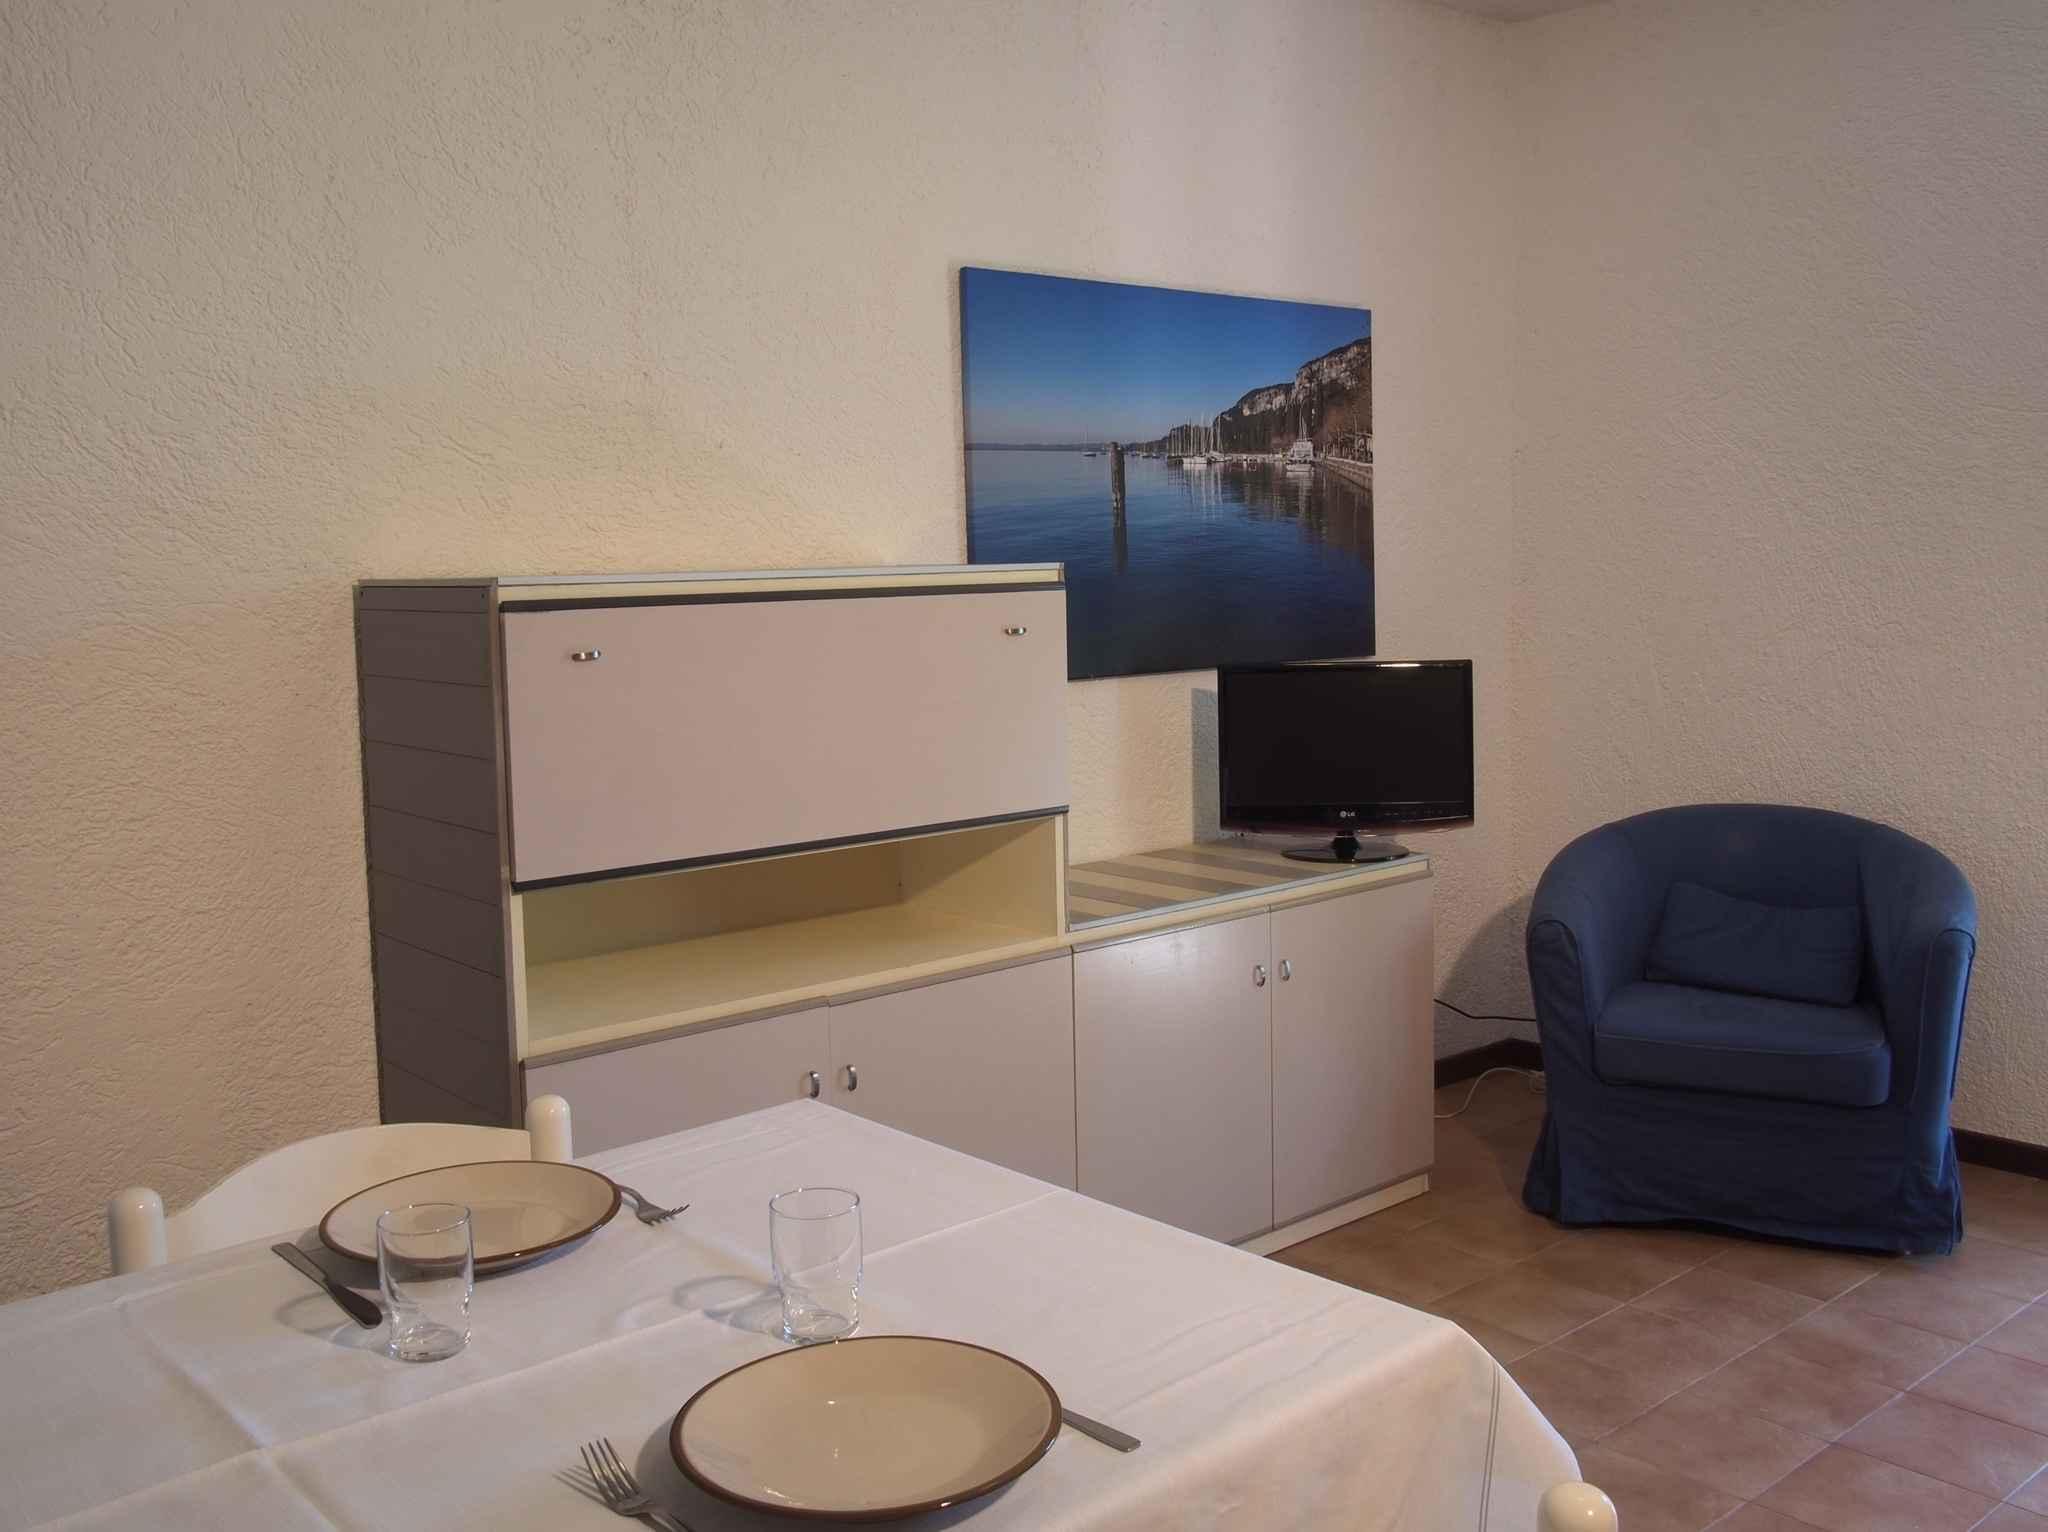 Ferienwohnung mit Balkon (279542), Garda, Gardasee, Venetien, Italien, Bild 21